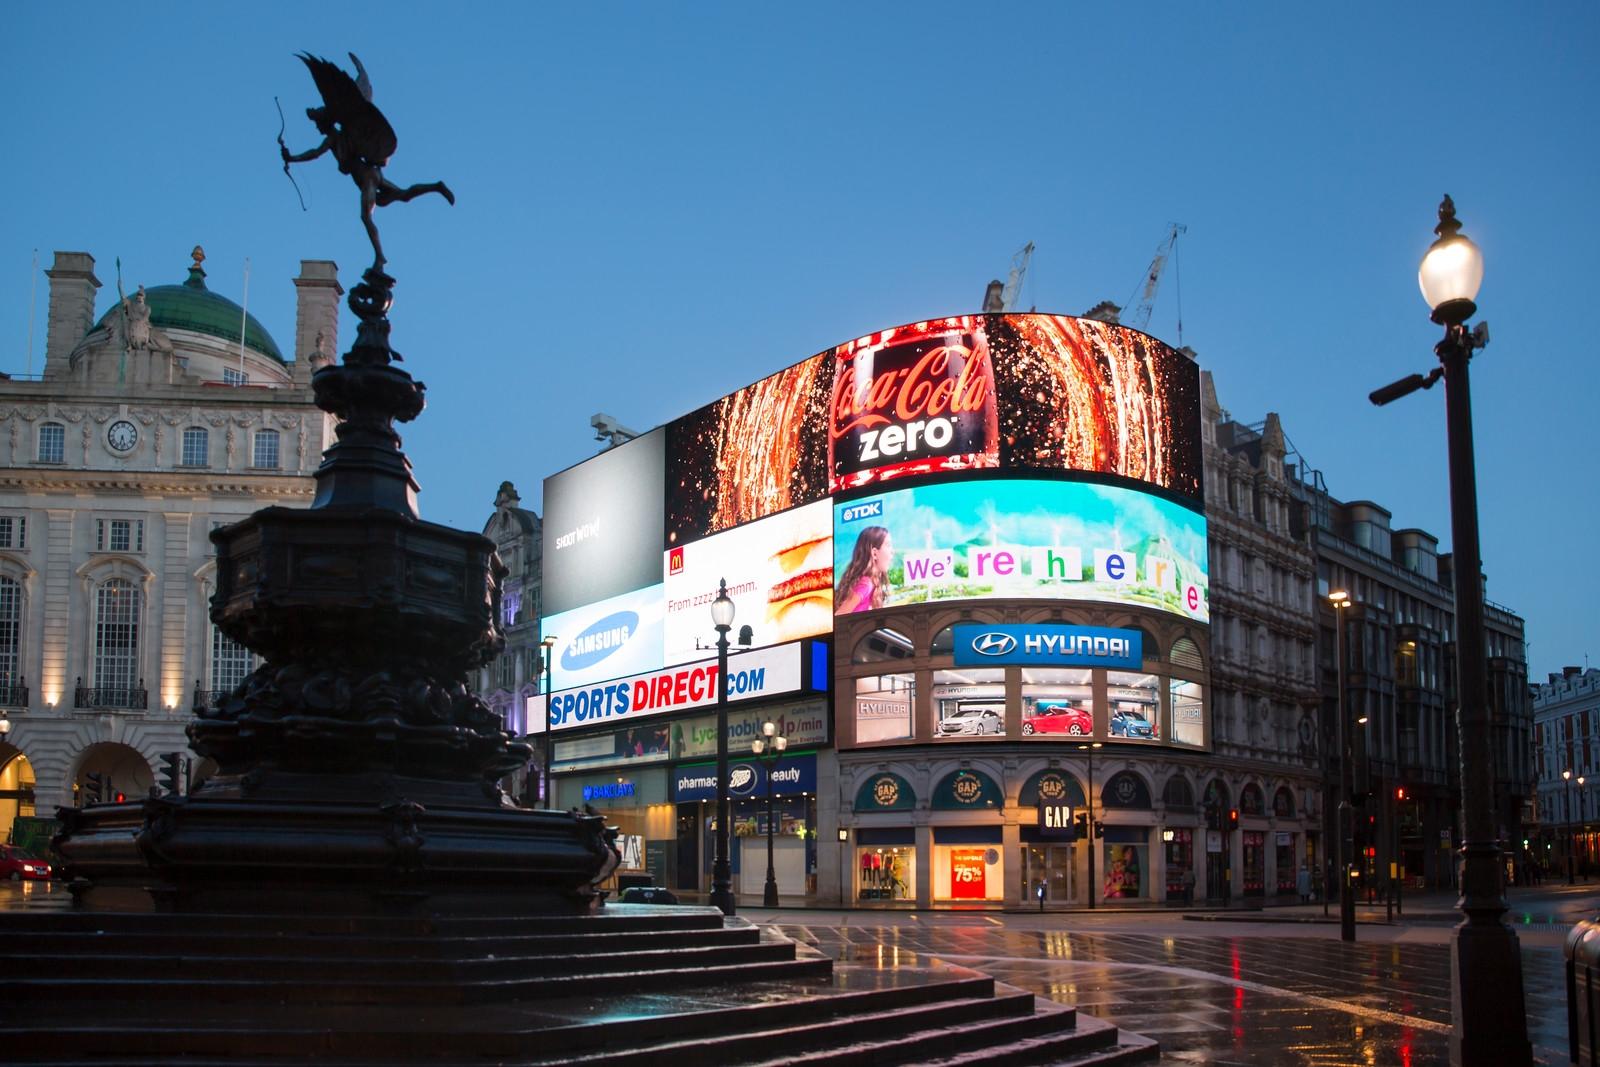 بريطانيا لندن اهم الاماكن السياحية شارع بيكاديللي لندن